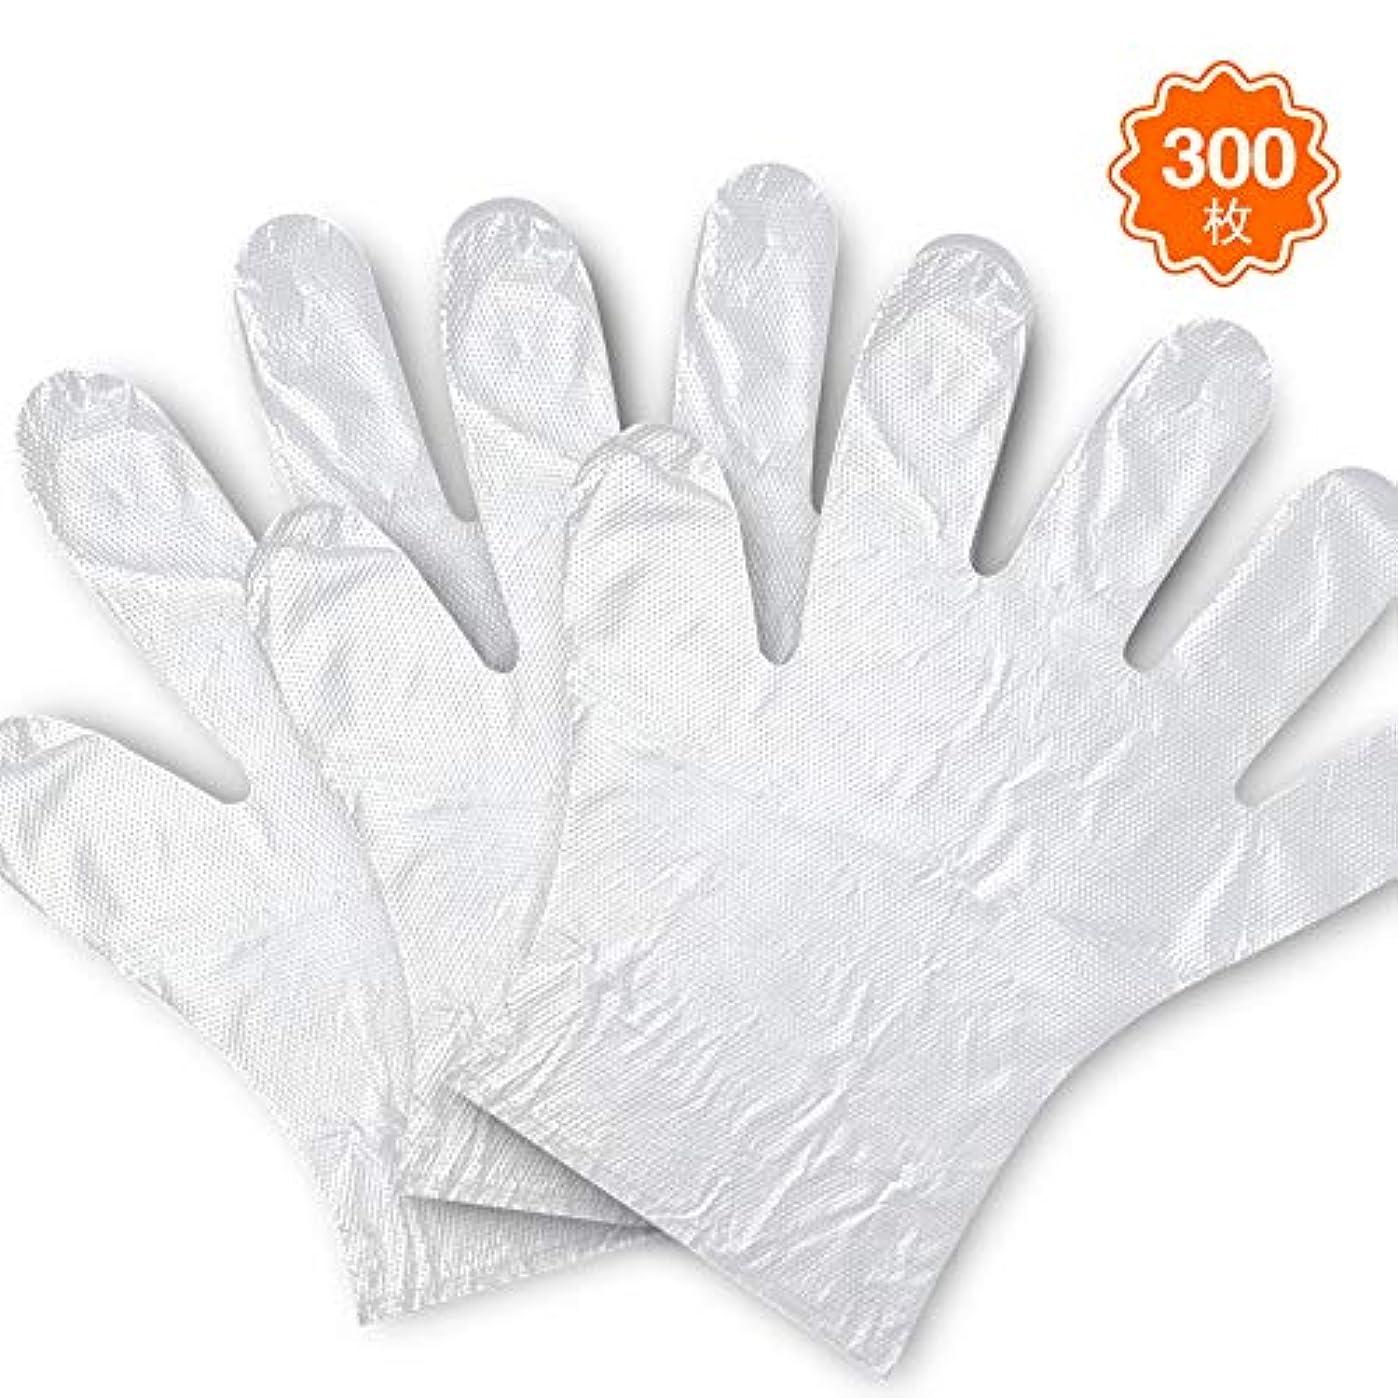 摂動放つリルFanDaMei 使い捨てポリ手袋 300枚 使いきり手袋 ポリエチレン 使い捨て手袋 極薄手袋 調理に?お掃除に?毛染めに 食品衛生法適合